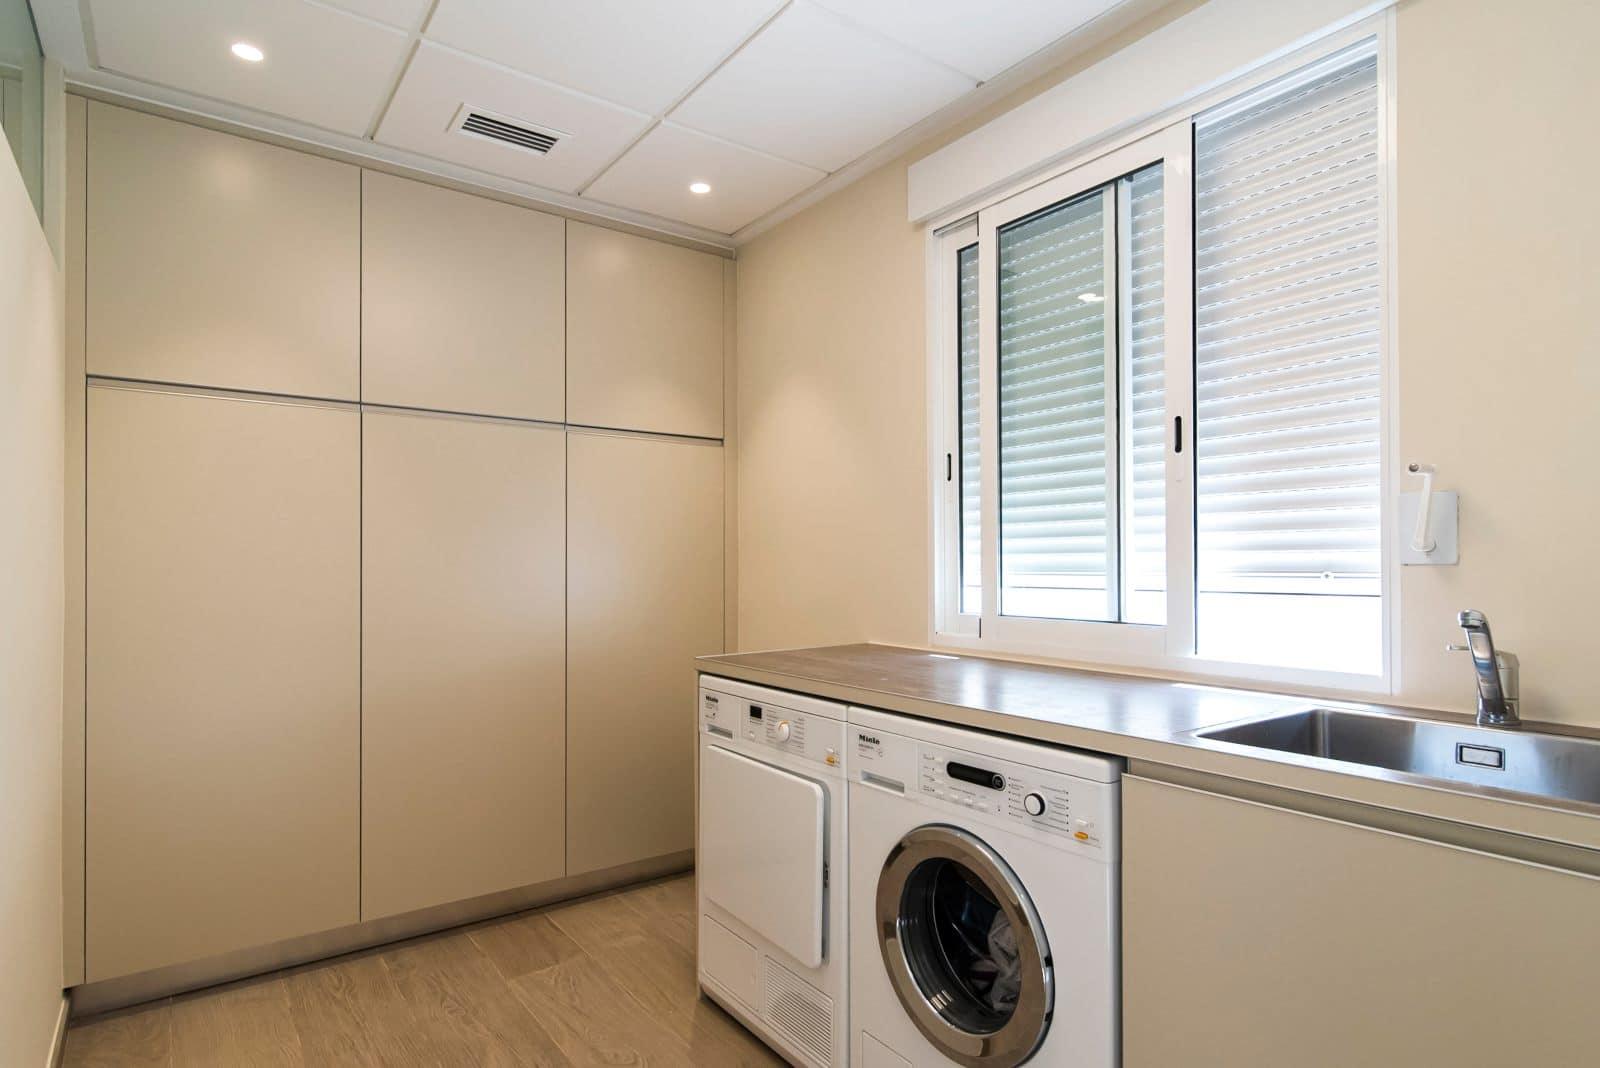 lavandería con secadora, fregadero y armarios